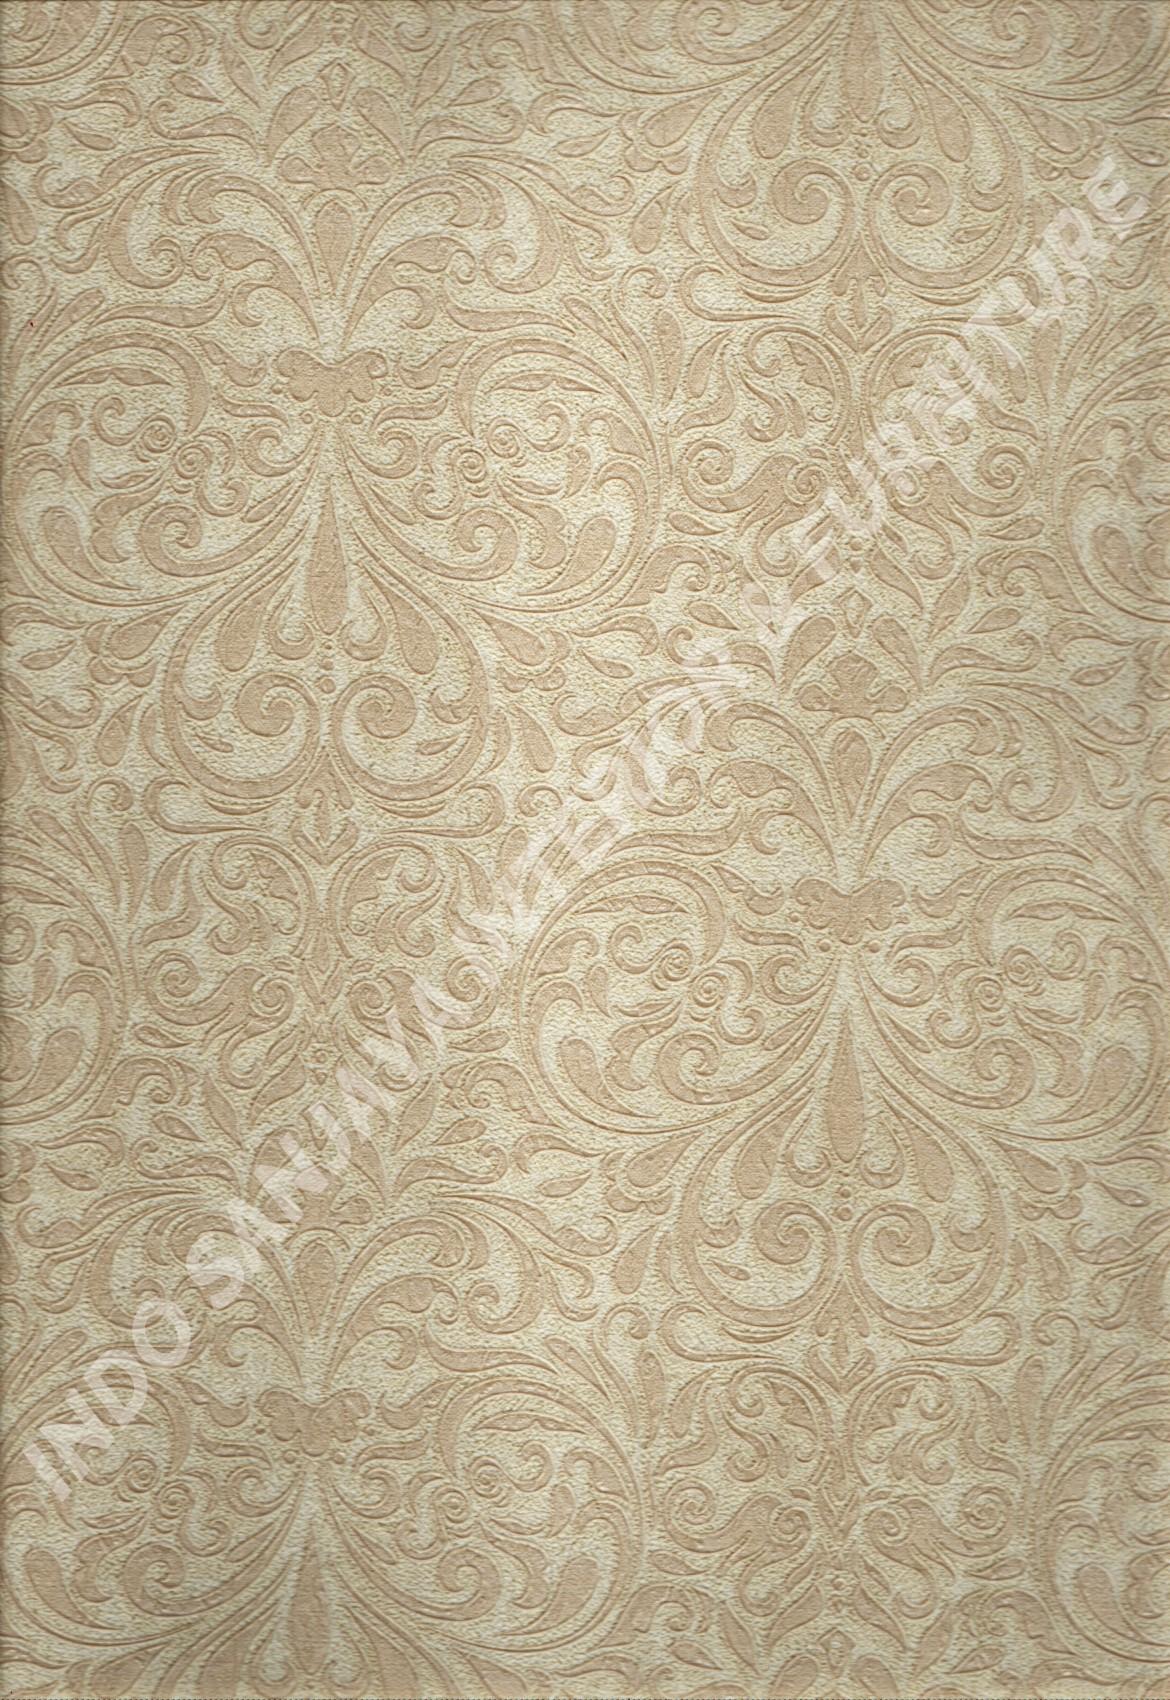 wallpaper   Wallpaper Bunga 11035:11035 corak  warna